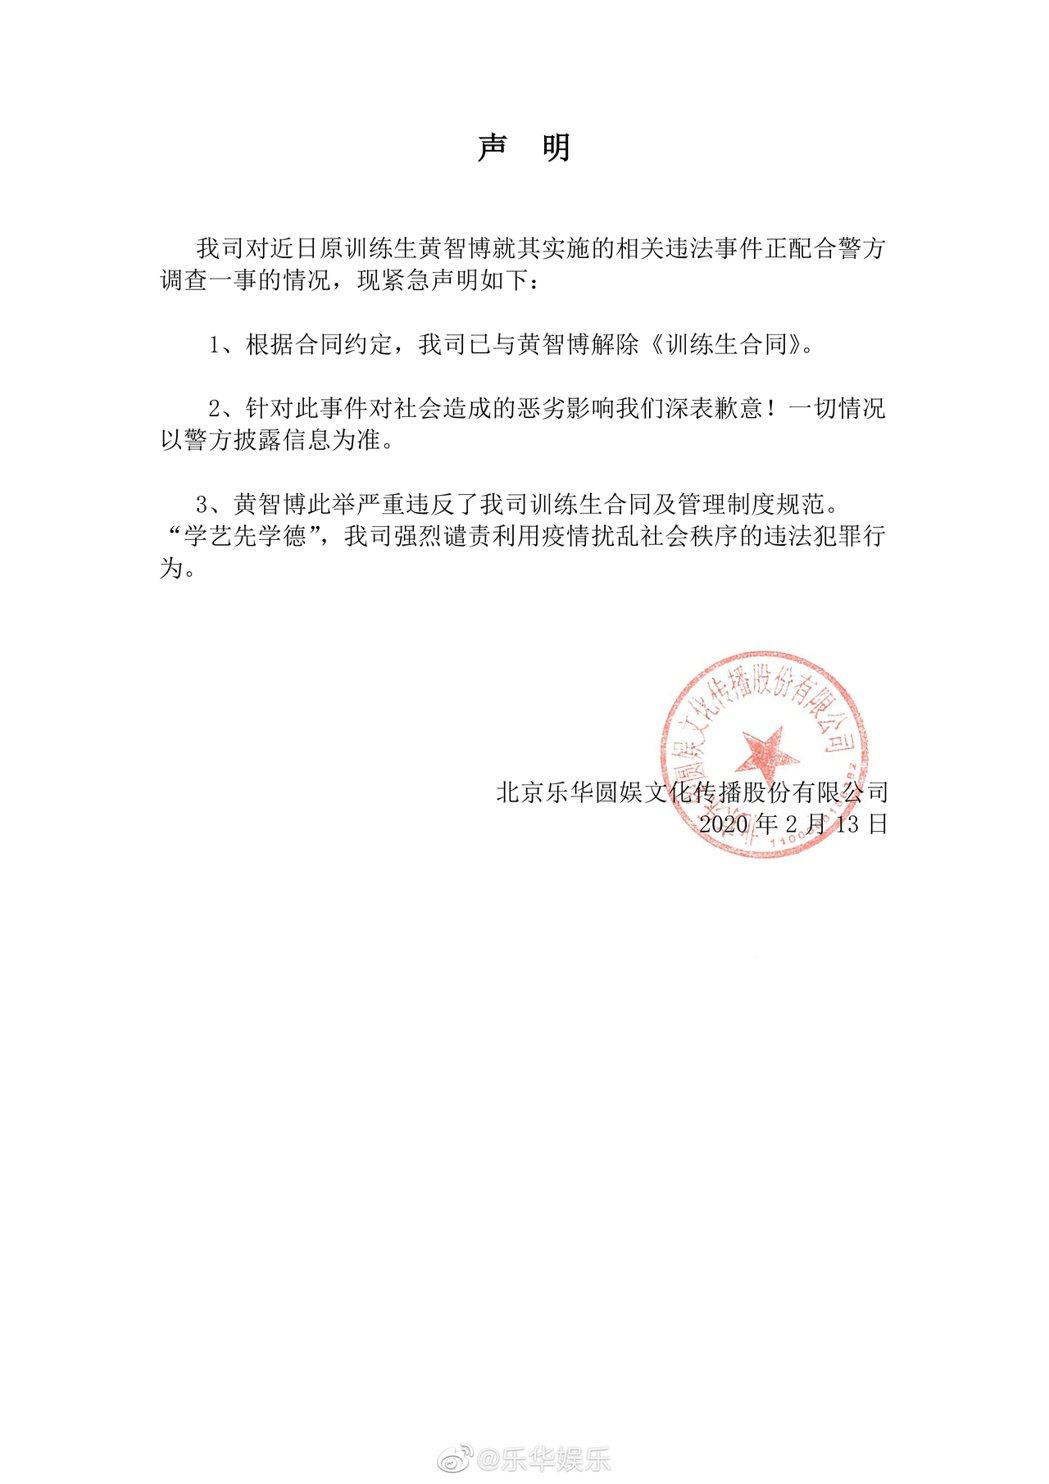 樂華娛樂聲明稿,表示已與黃智博解約。圖/擷自微博